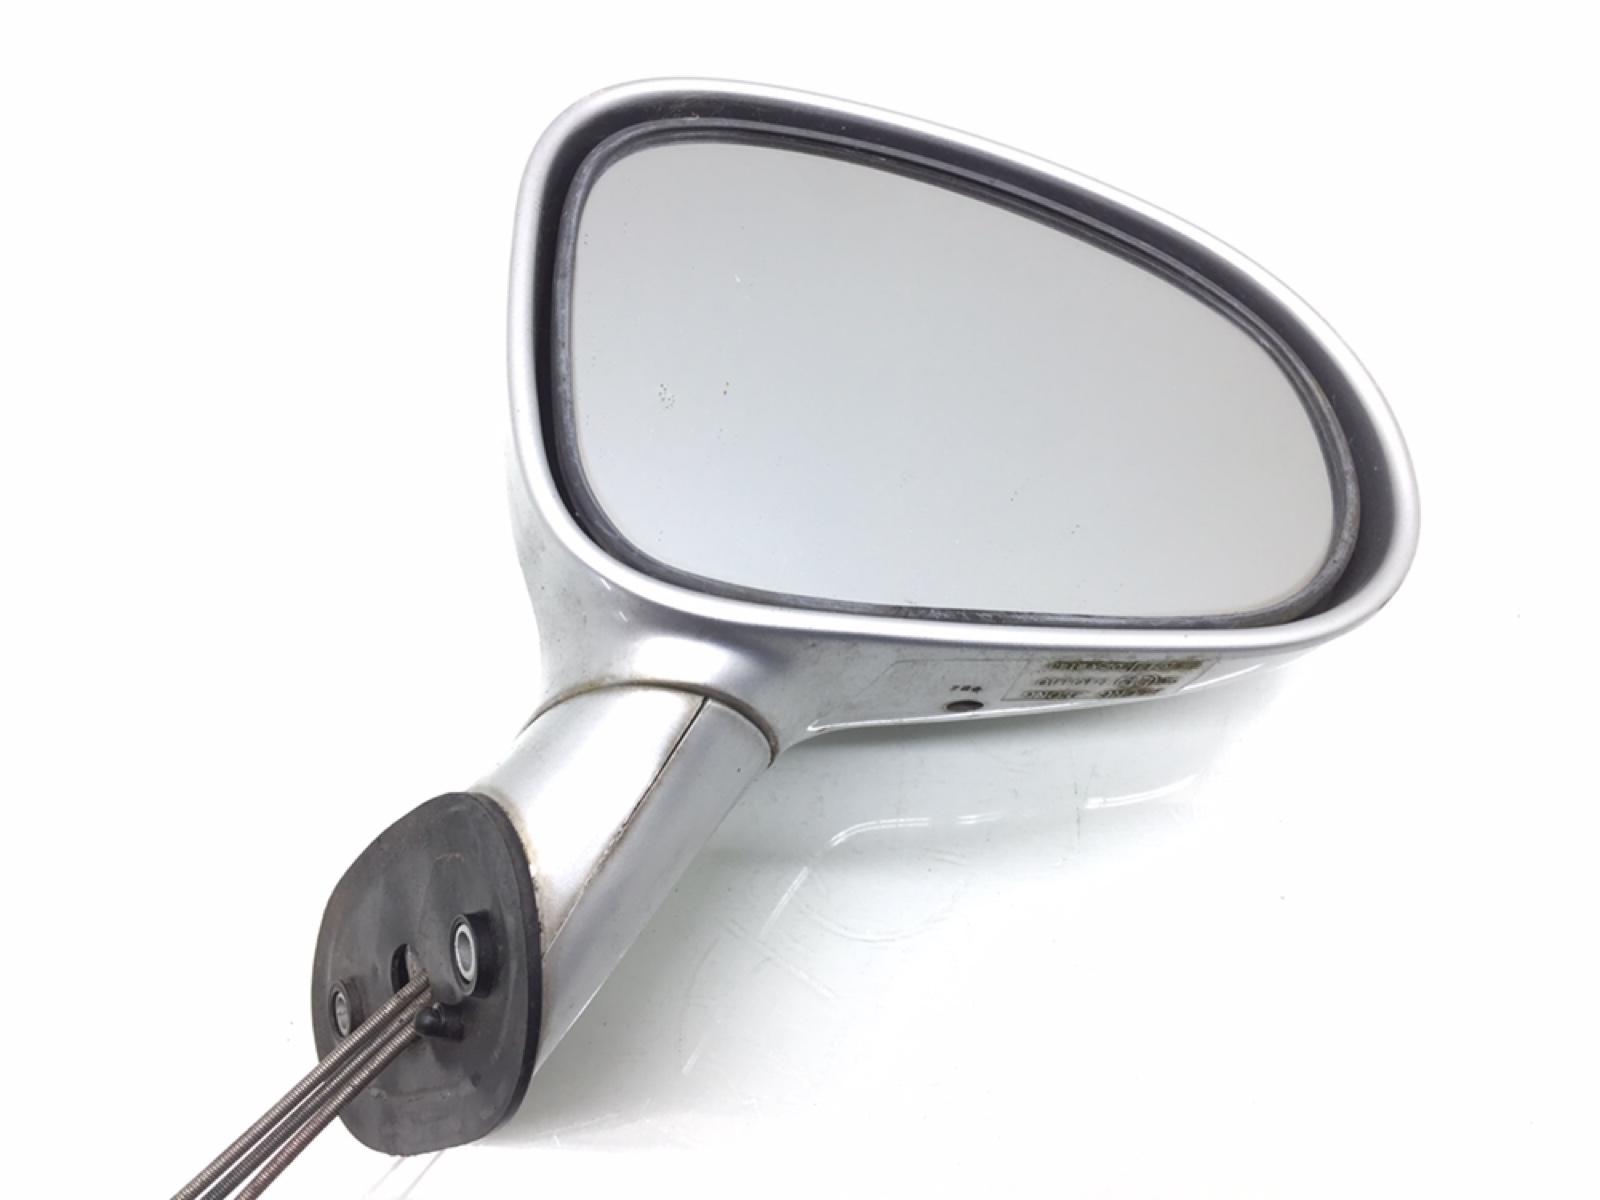 Зеркало наружное правое Daewoo Matiz 0.8 I 2002 (б/у)